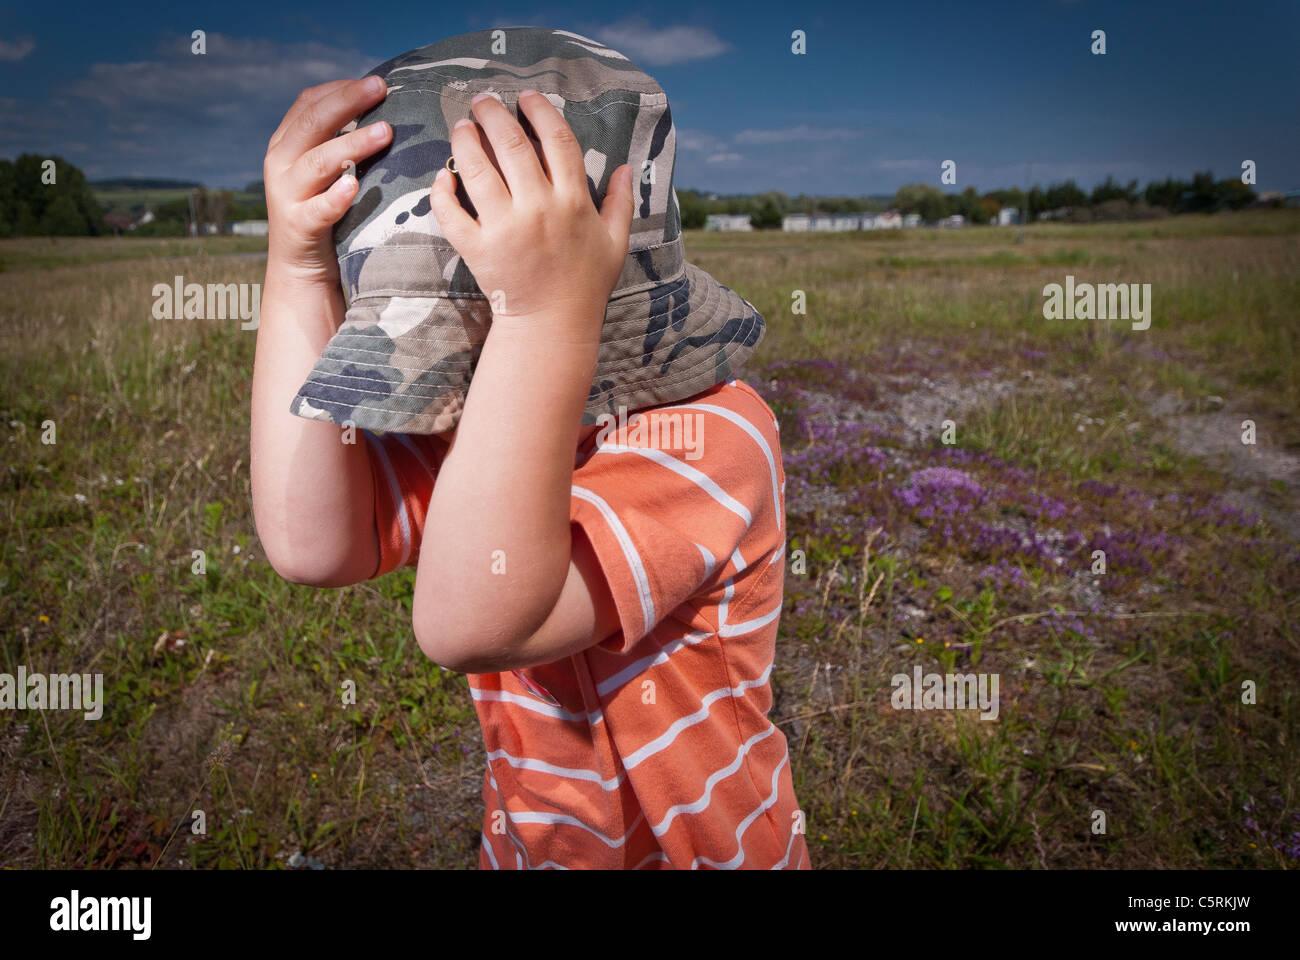 boy hiding beneath hat in field - Stock Image